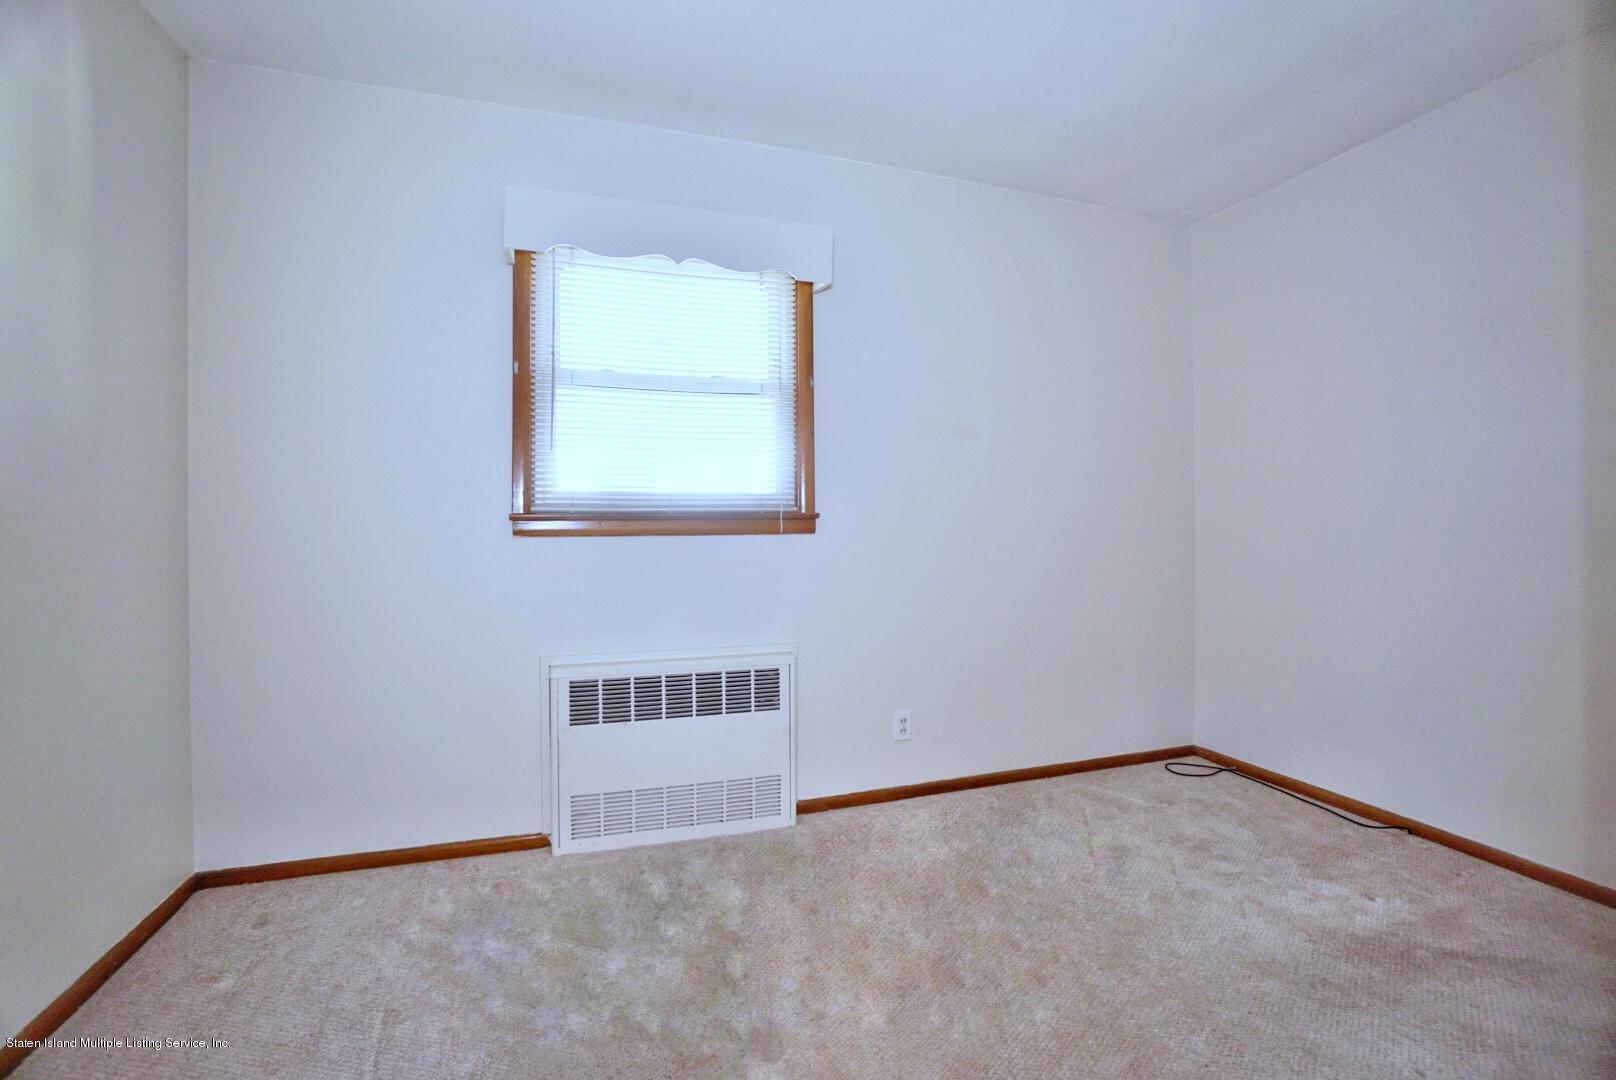 Single Family - Detached 215 Fairbanks Avenue  Staten Island, NY 10306, MLS-1138817-27